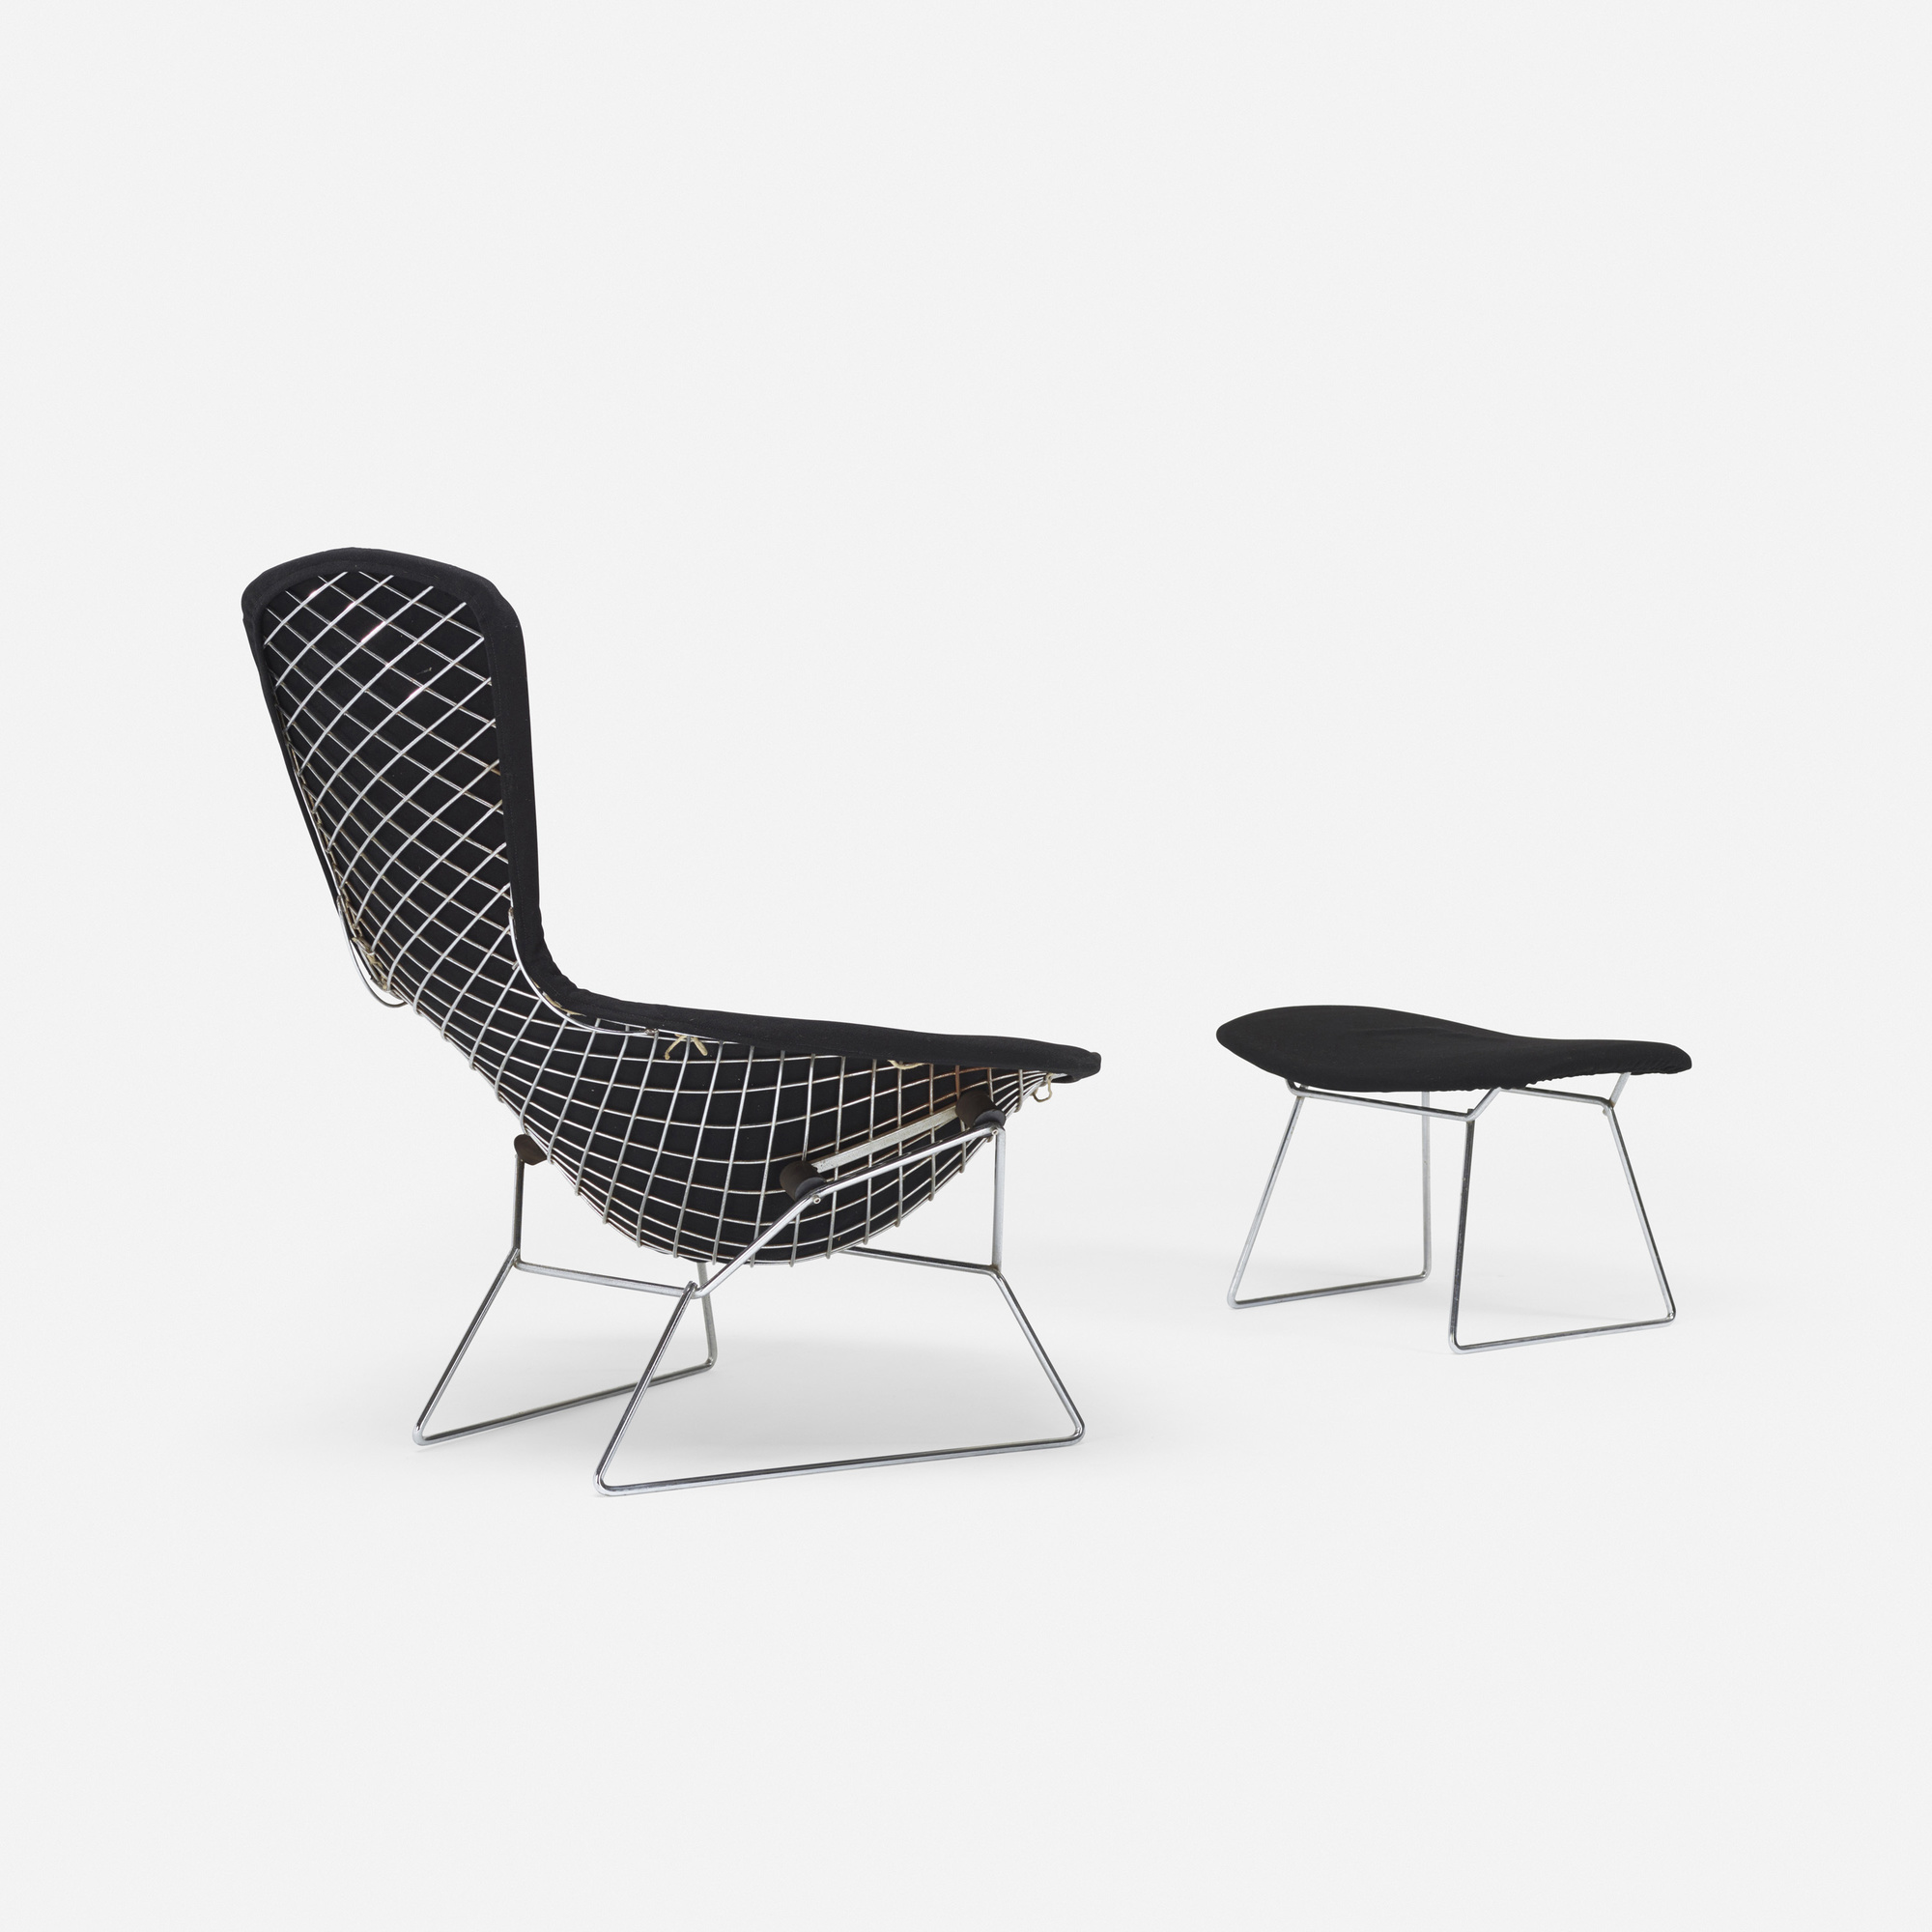 172 Harry Bertoia Bird chair and ottoman Mass Modern Day 1